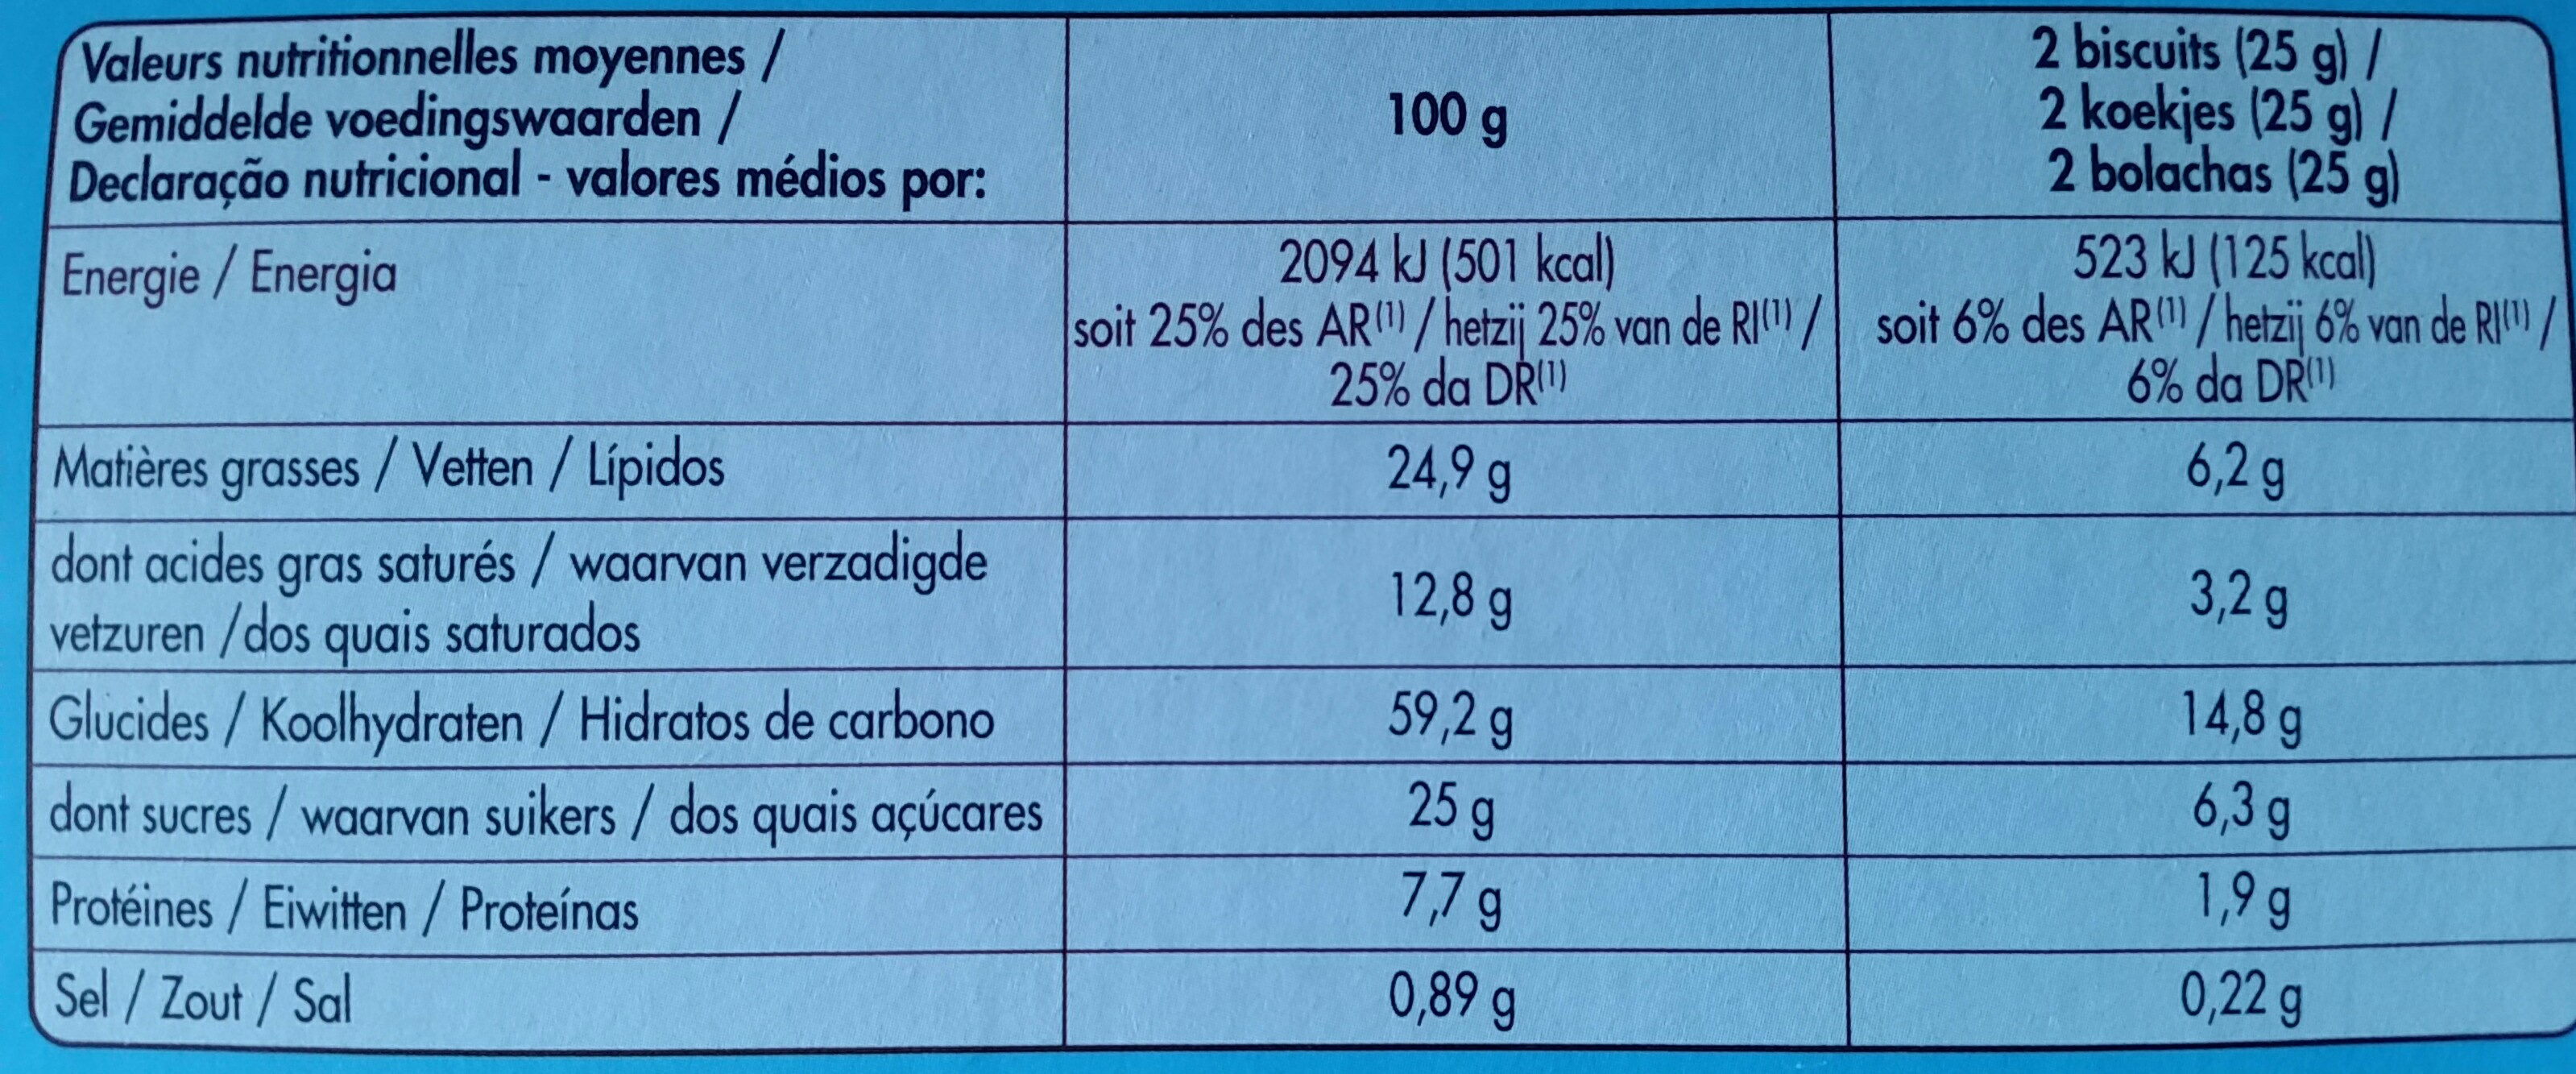 Sablés aux céréales chocolat au lait - Voedingswaarden - fr